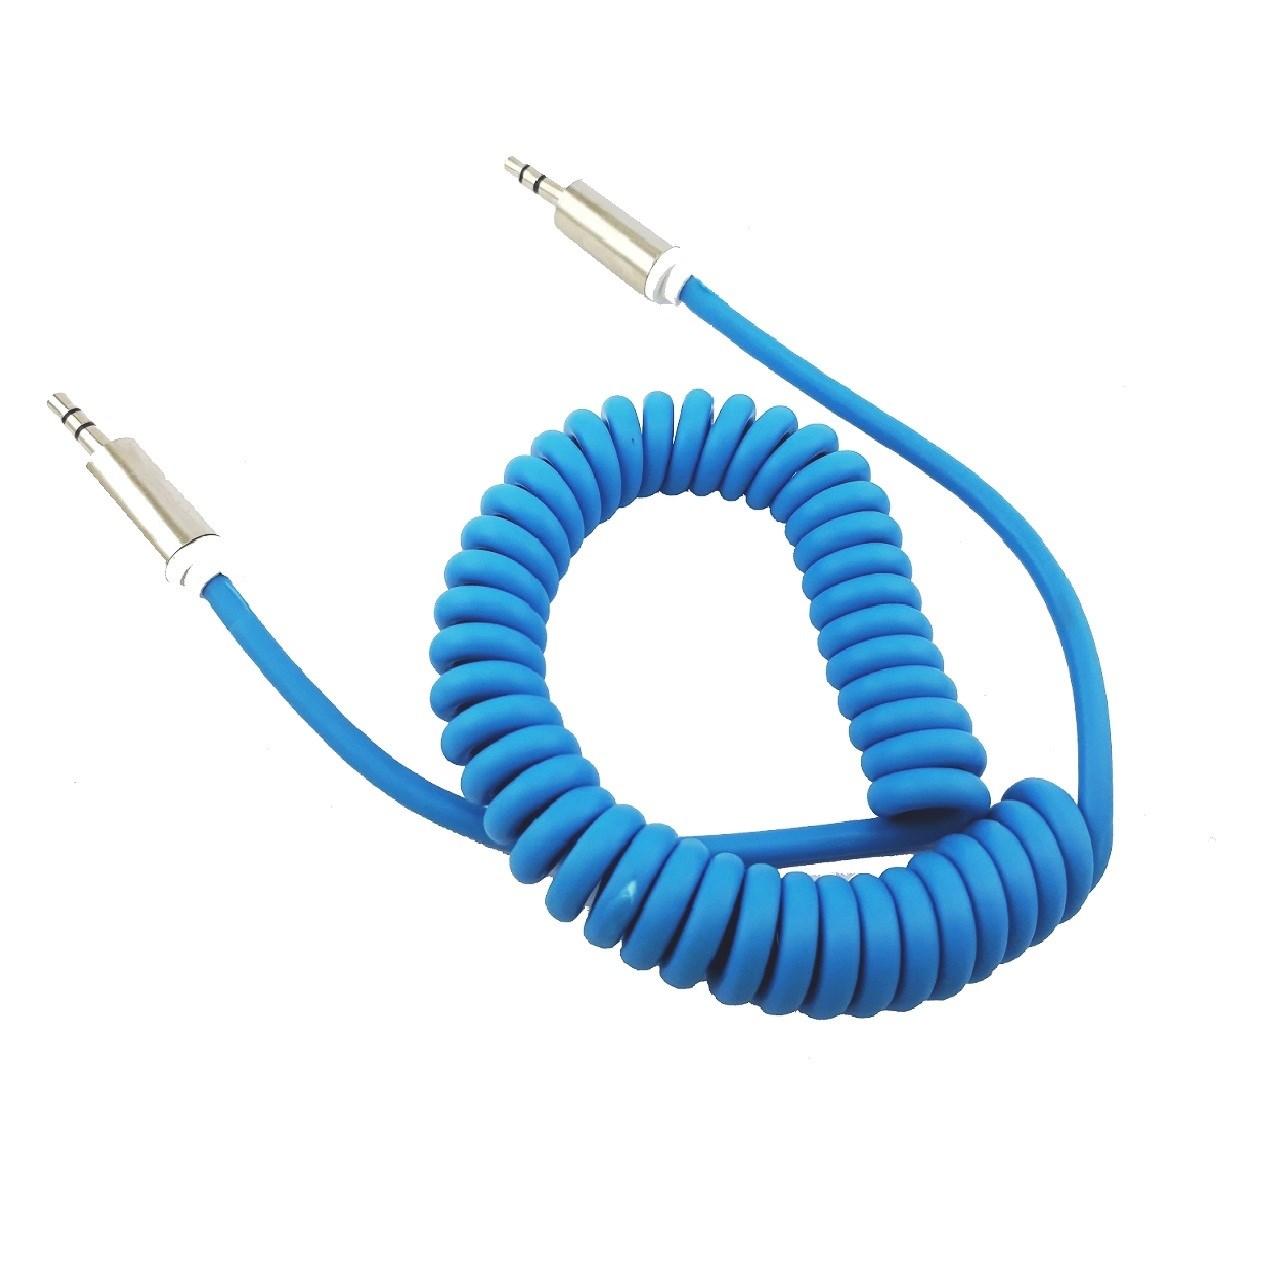 کابل انتقال صدای 3.5 میلی متری به طول 1.5 متر